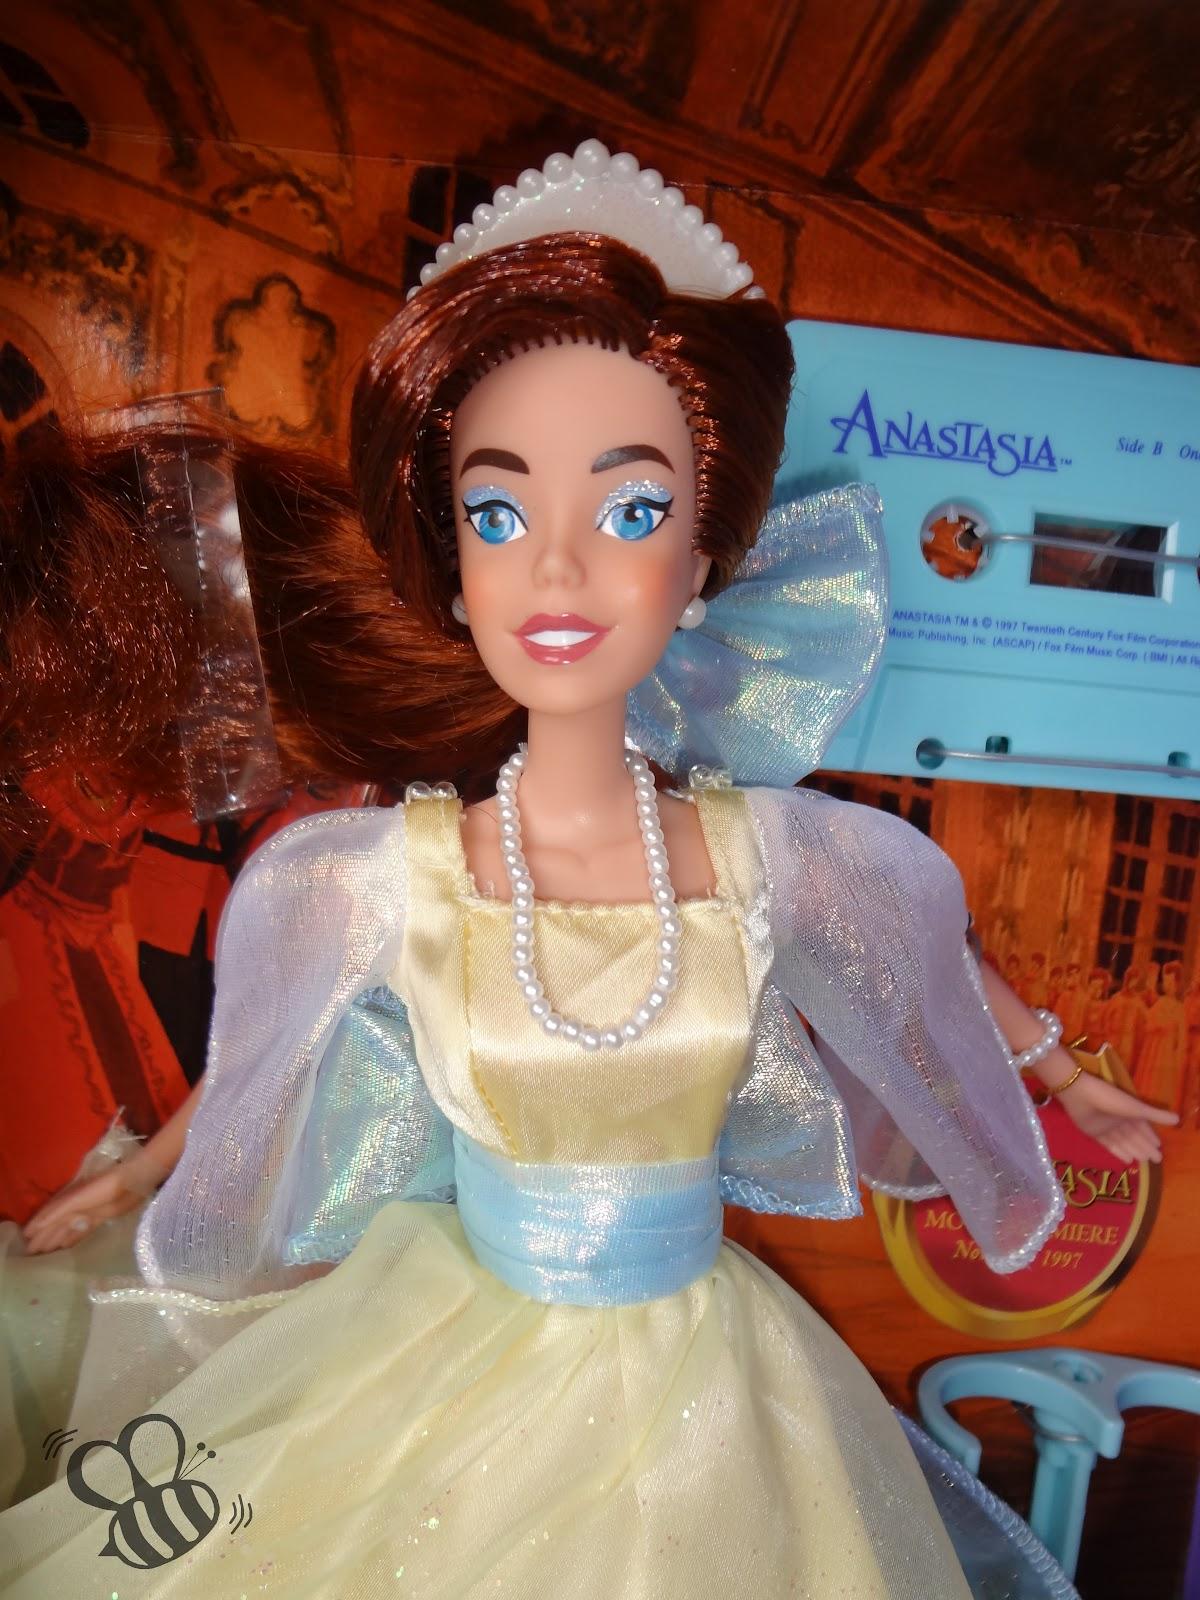 http://1.bp.blogspot.com/-QKf7JWeqSbA/T7pvtAzPDiI/AAAAAAAAA70/cCIzmFnjAo8/s1600/Anastasia-Princess.JPG